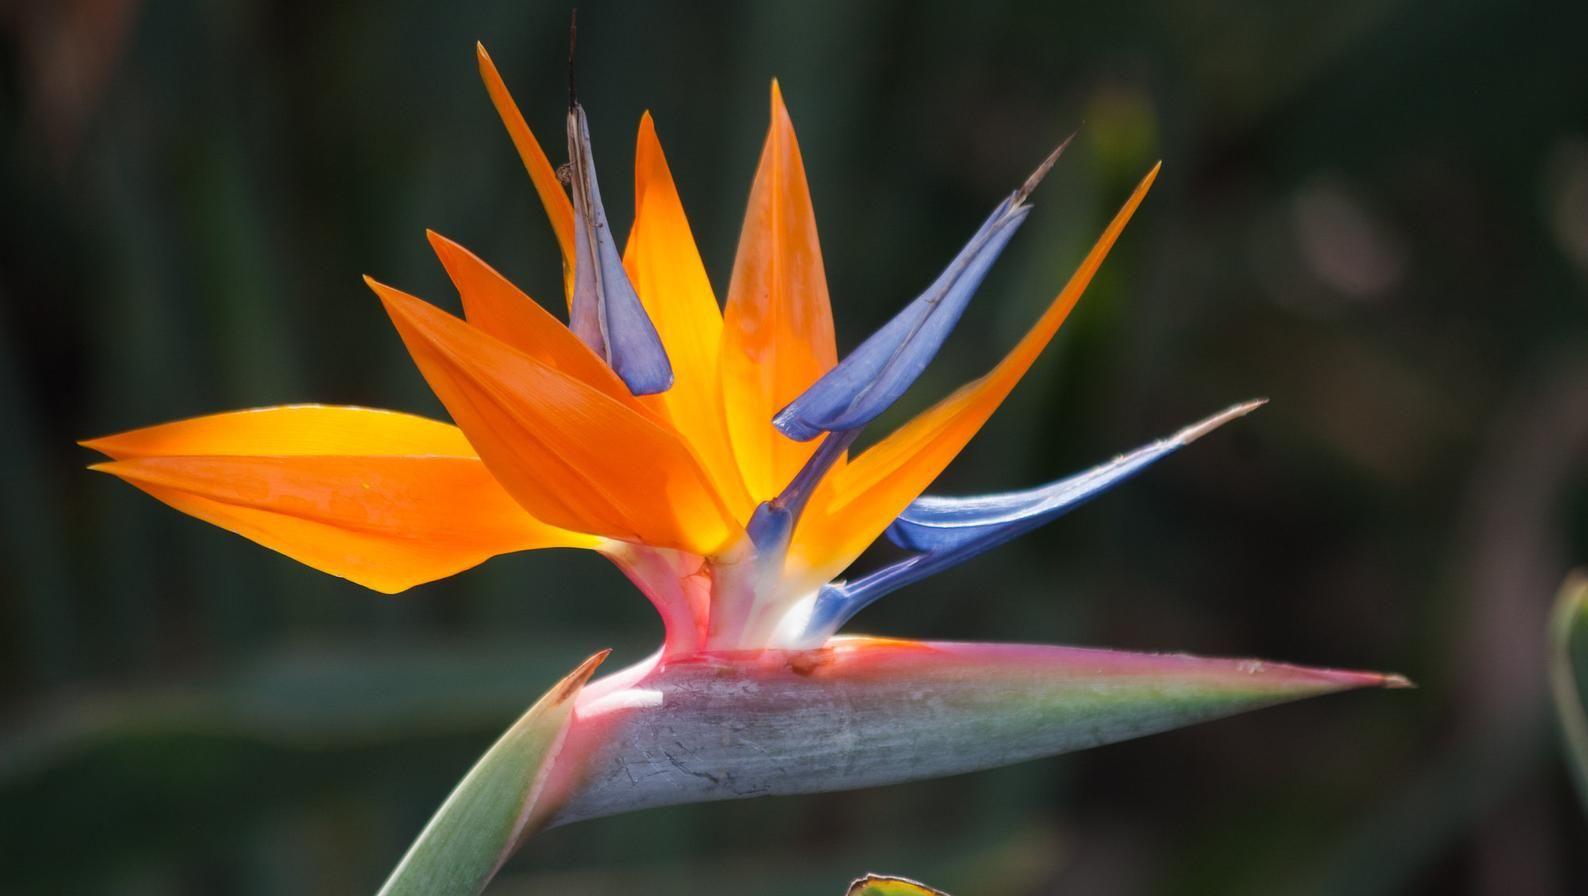 Hawaiian Bird Of Paradise Strelitzia Plant Seeds 1 Pack Etsy In 2020 Birds Of Paradise Plant Paradise Plant Birds Of Paradise Flower